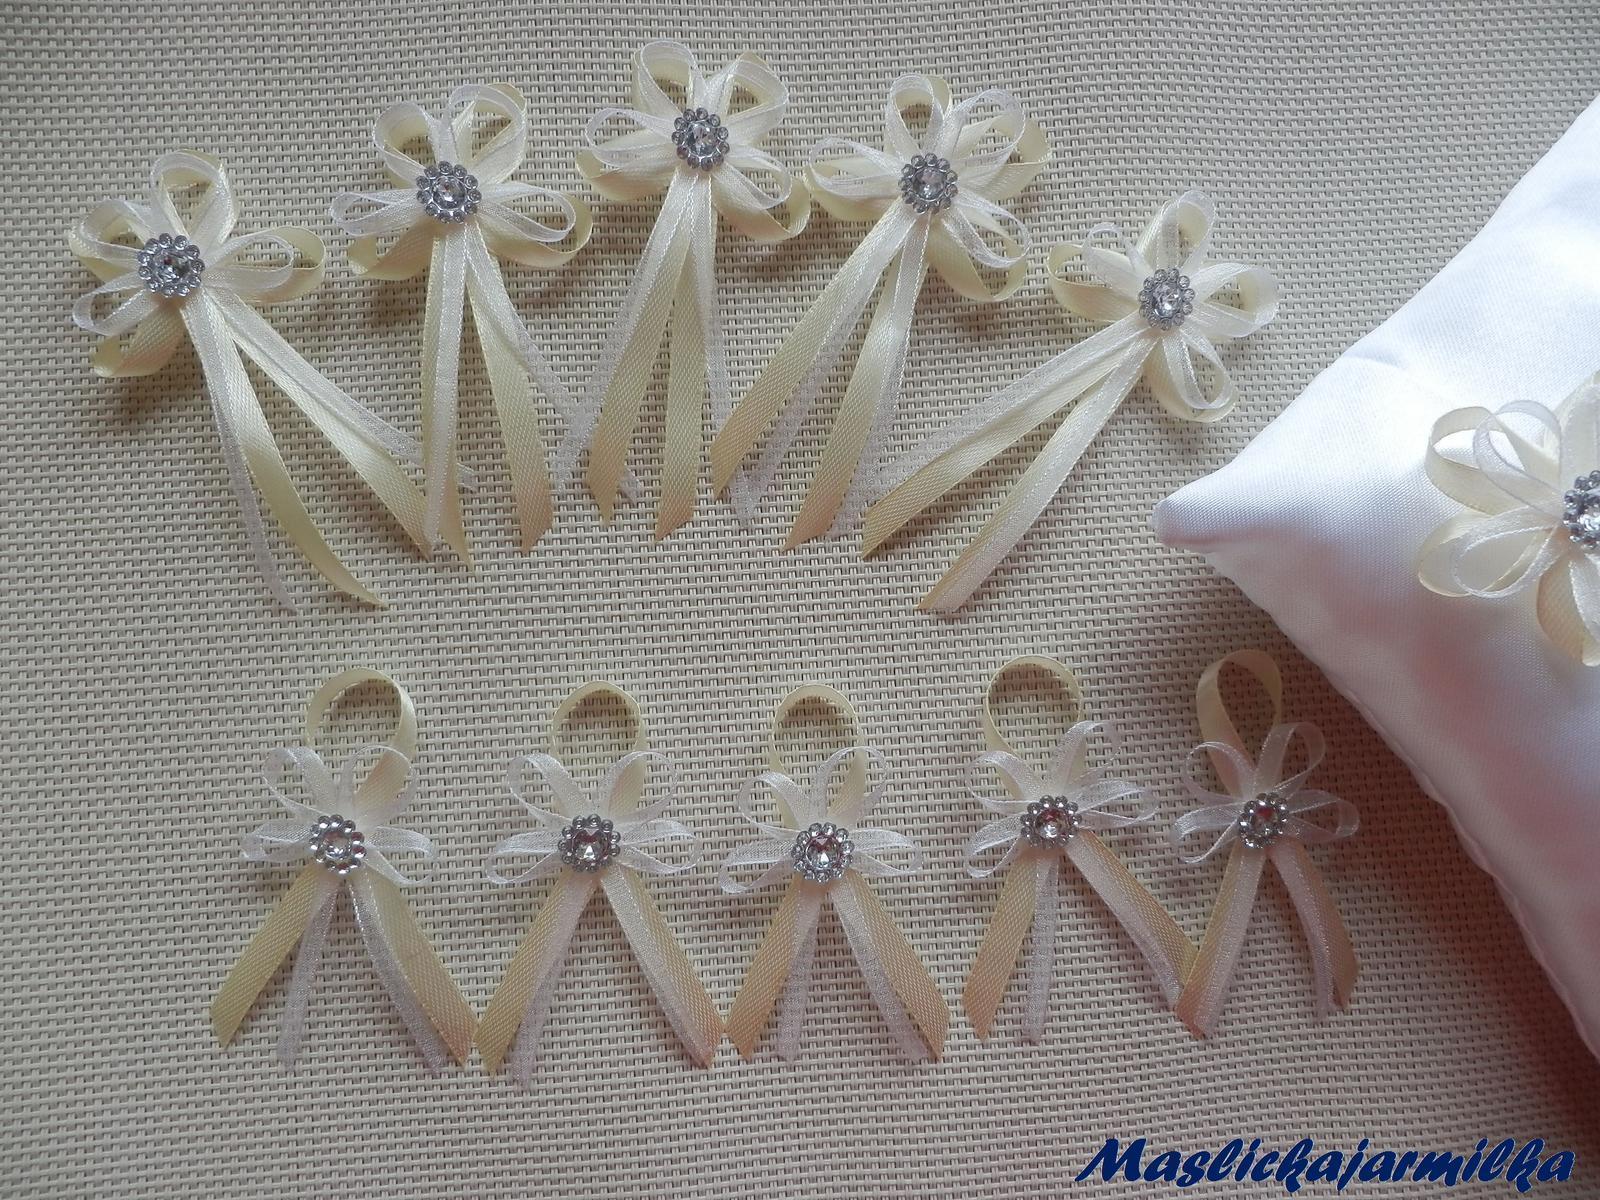 Svatební vývazky, podvazky, polštářky pod prstýnky, náramky.. - Obrázek č. 1